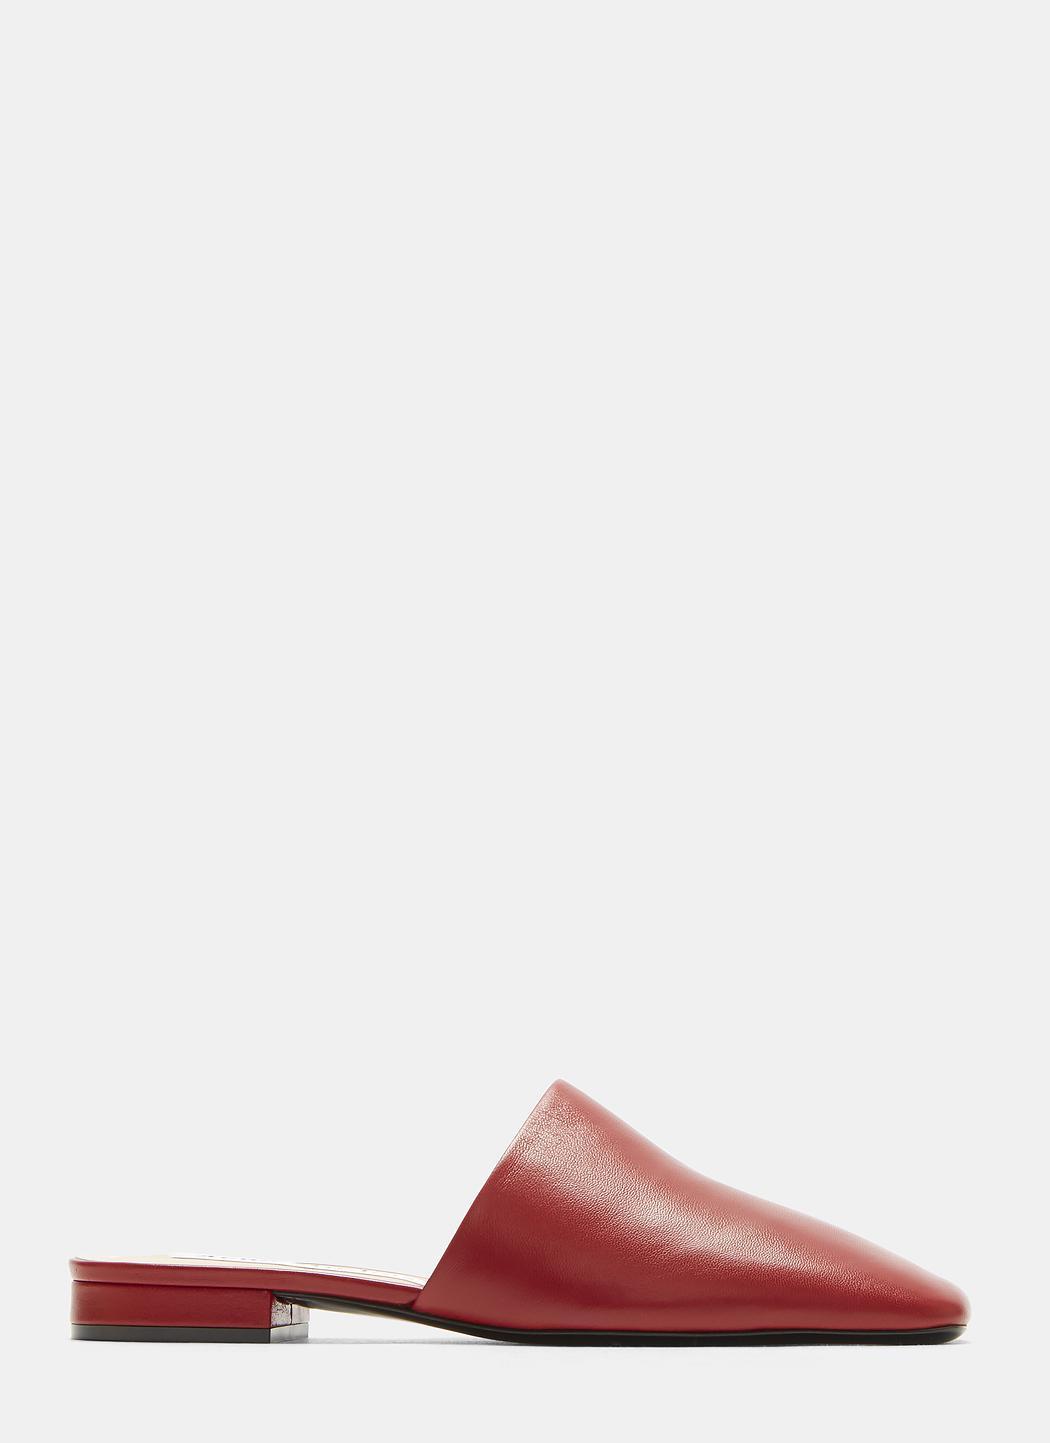 Acne Tessey Square Toe Slip-On Shoes HVSbcxAEv